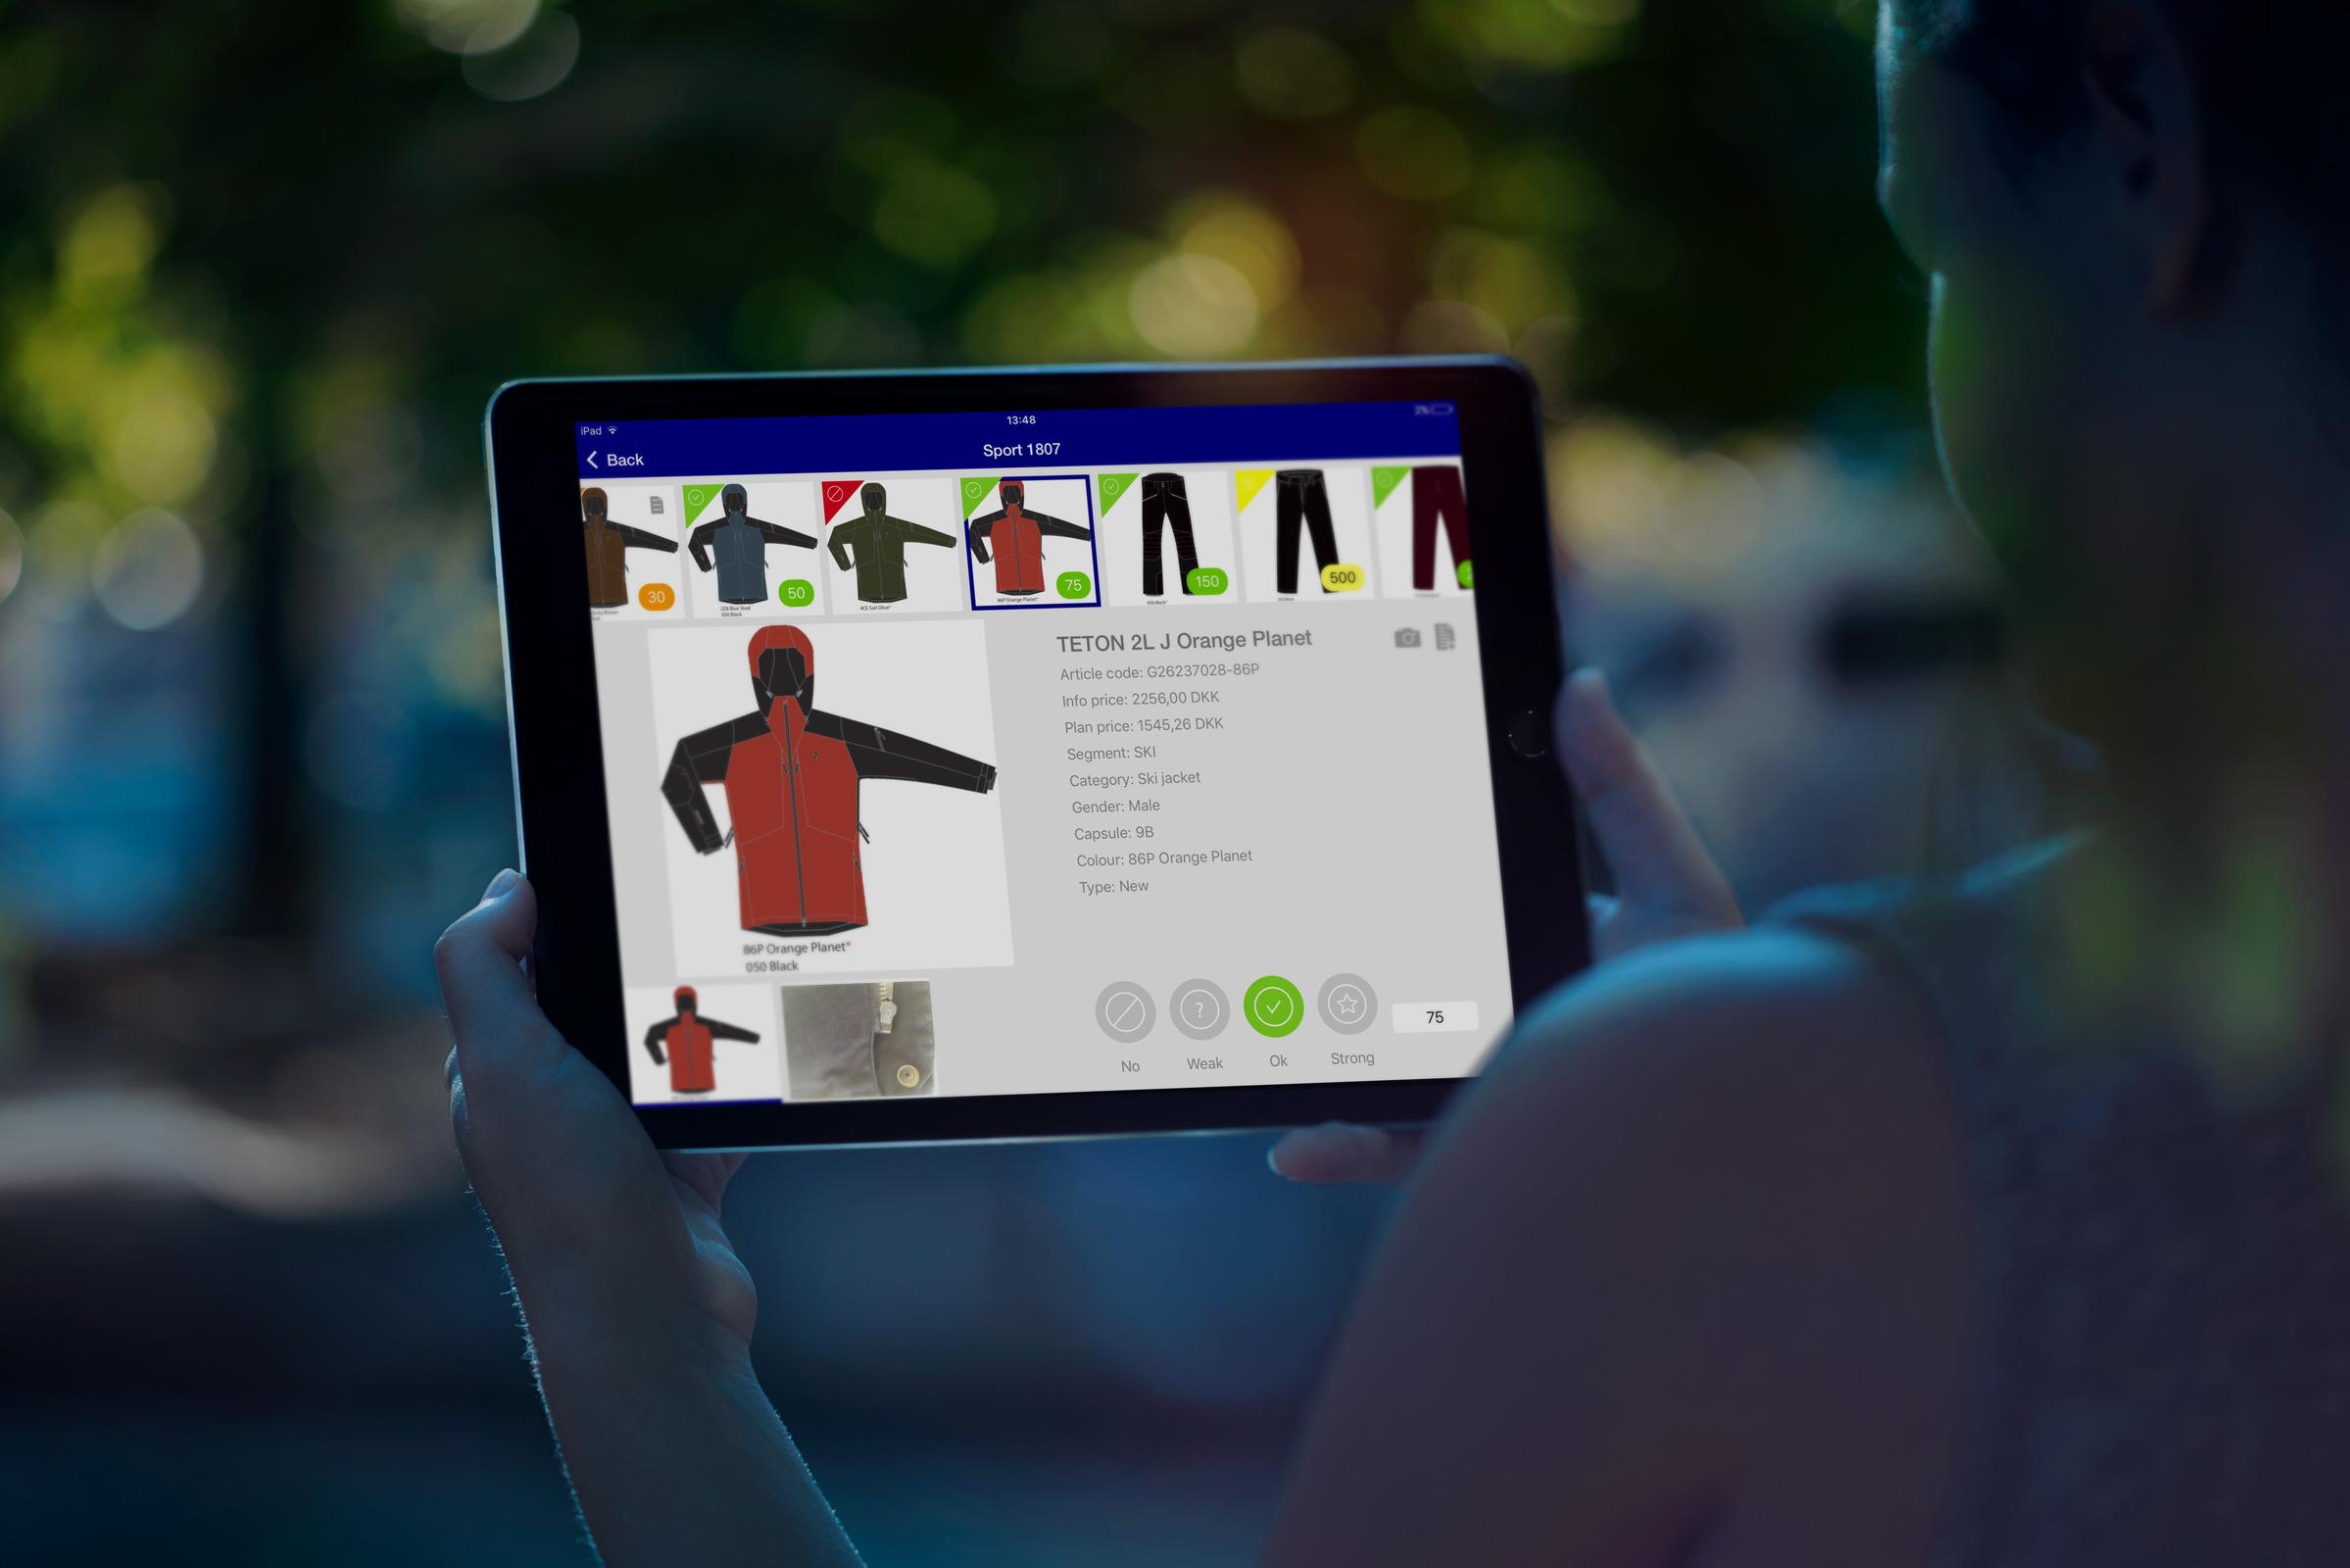 PRESET im Einsatz auf dem iPad